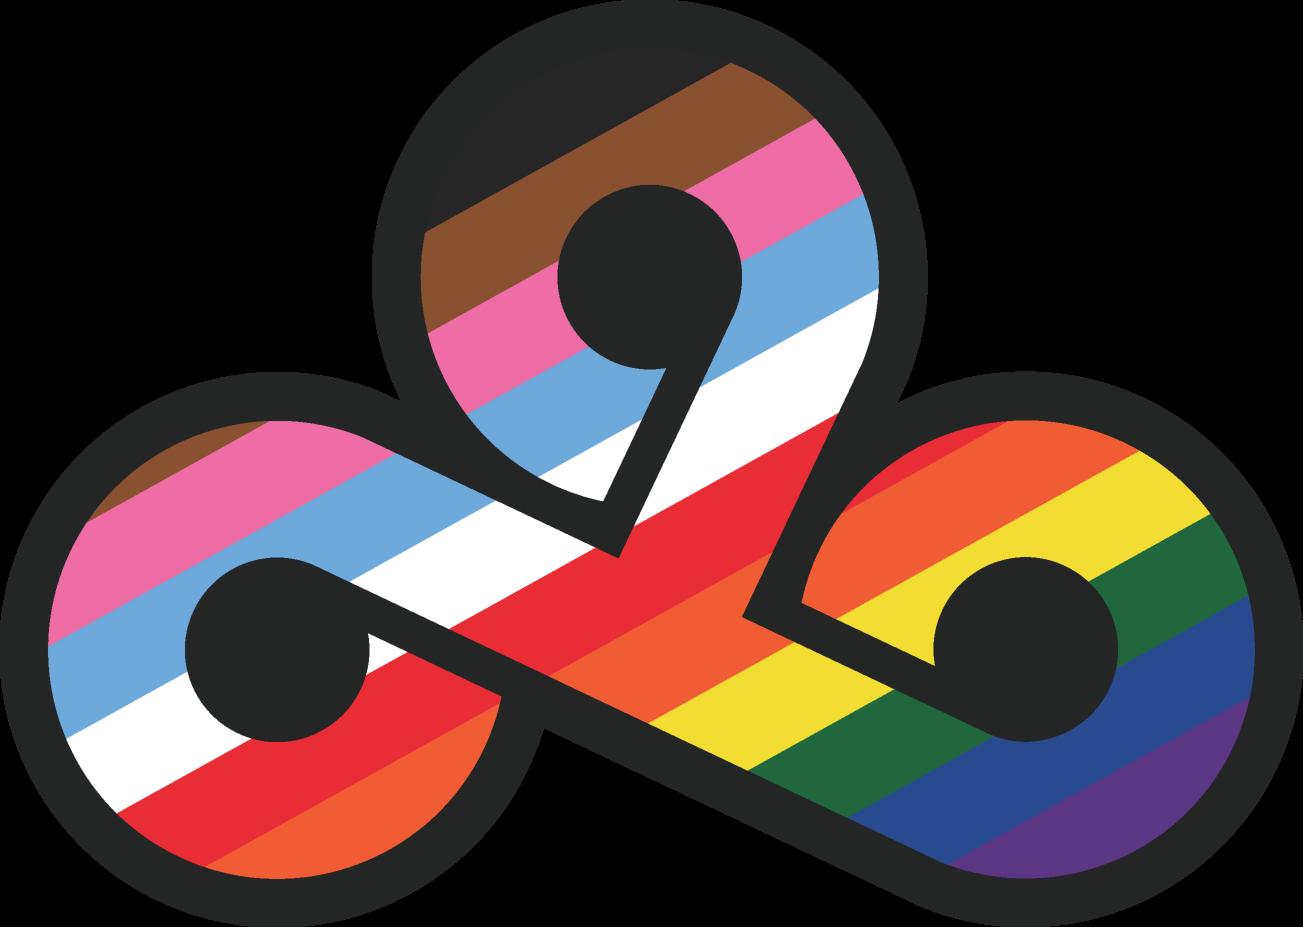 C9 Pride